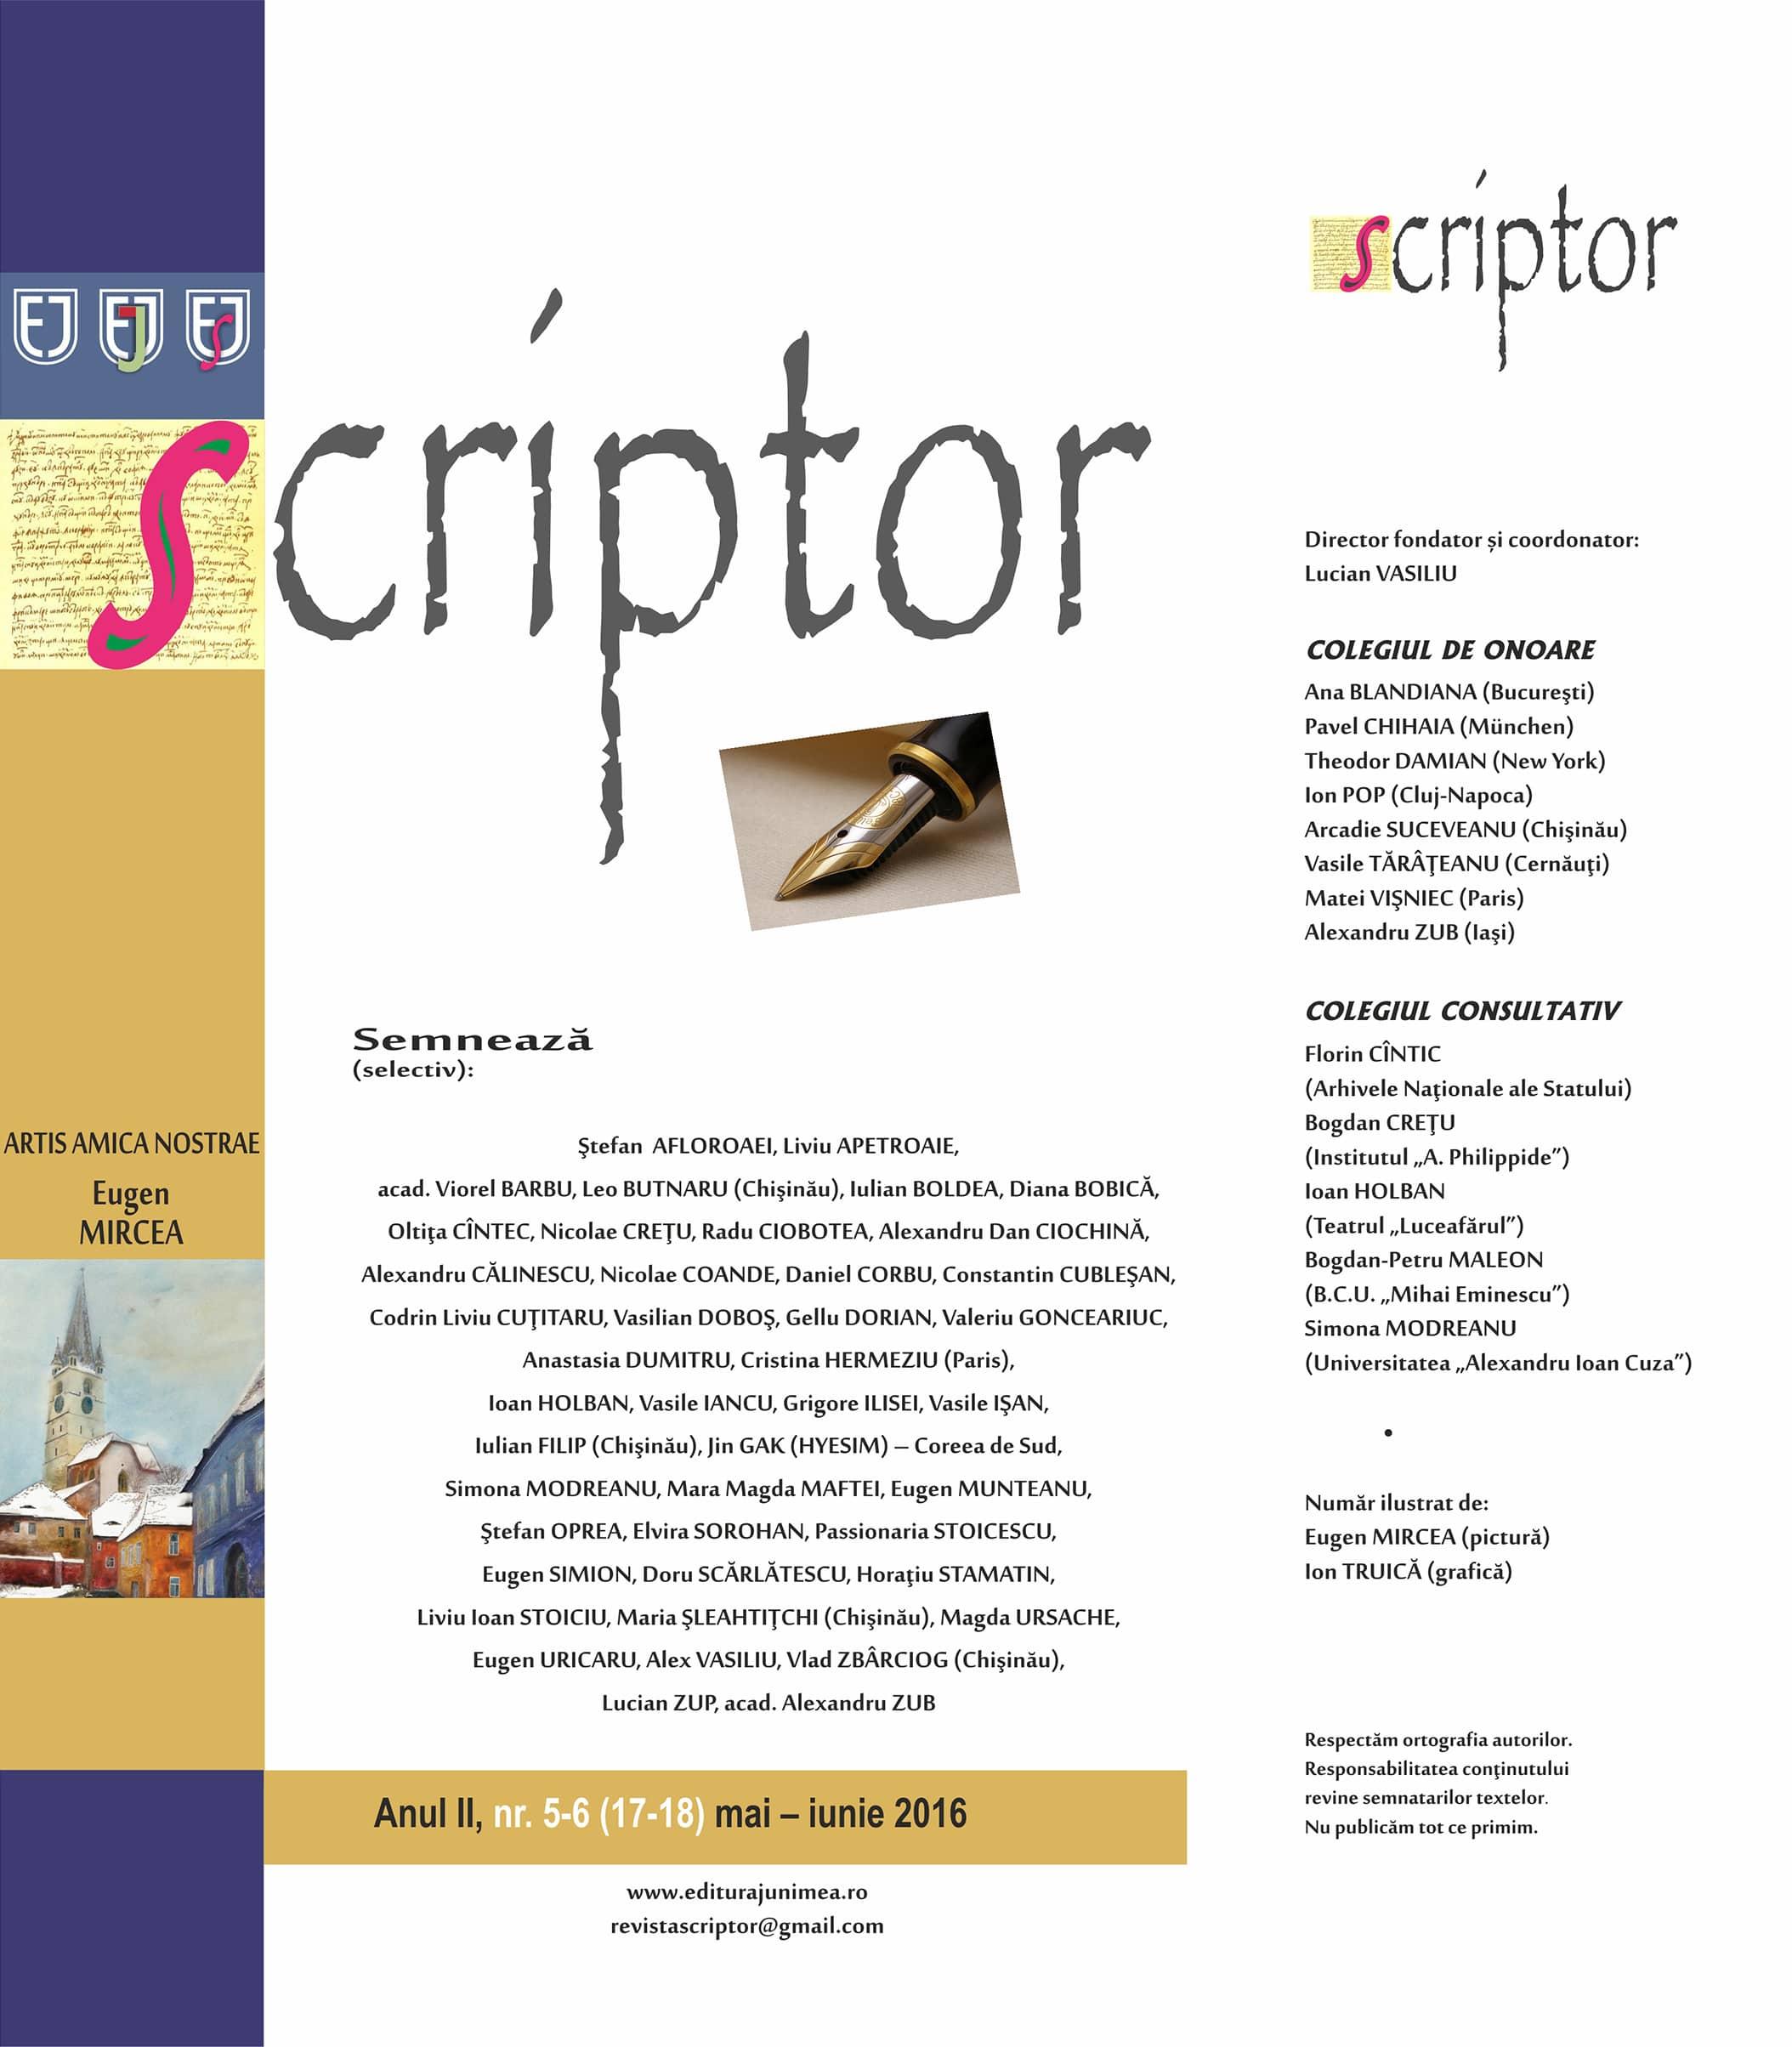 coperta-Scriptor-5-6-2016